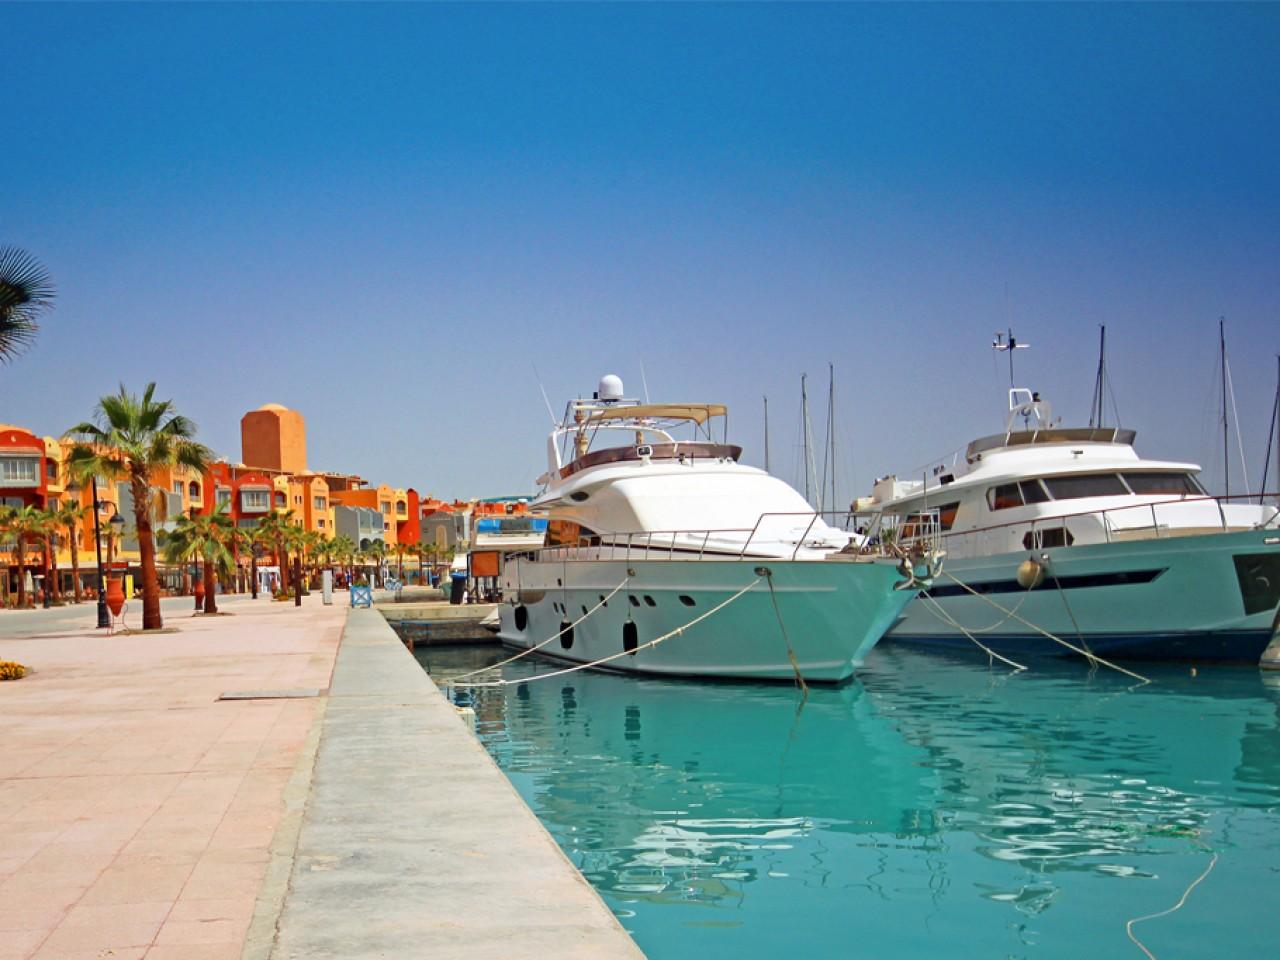 City Tour of Hurghada and Grand Aquarium